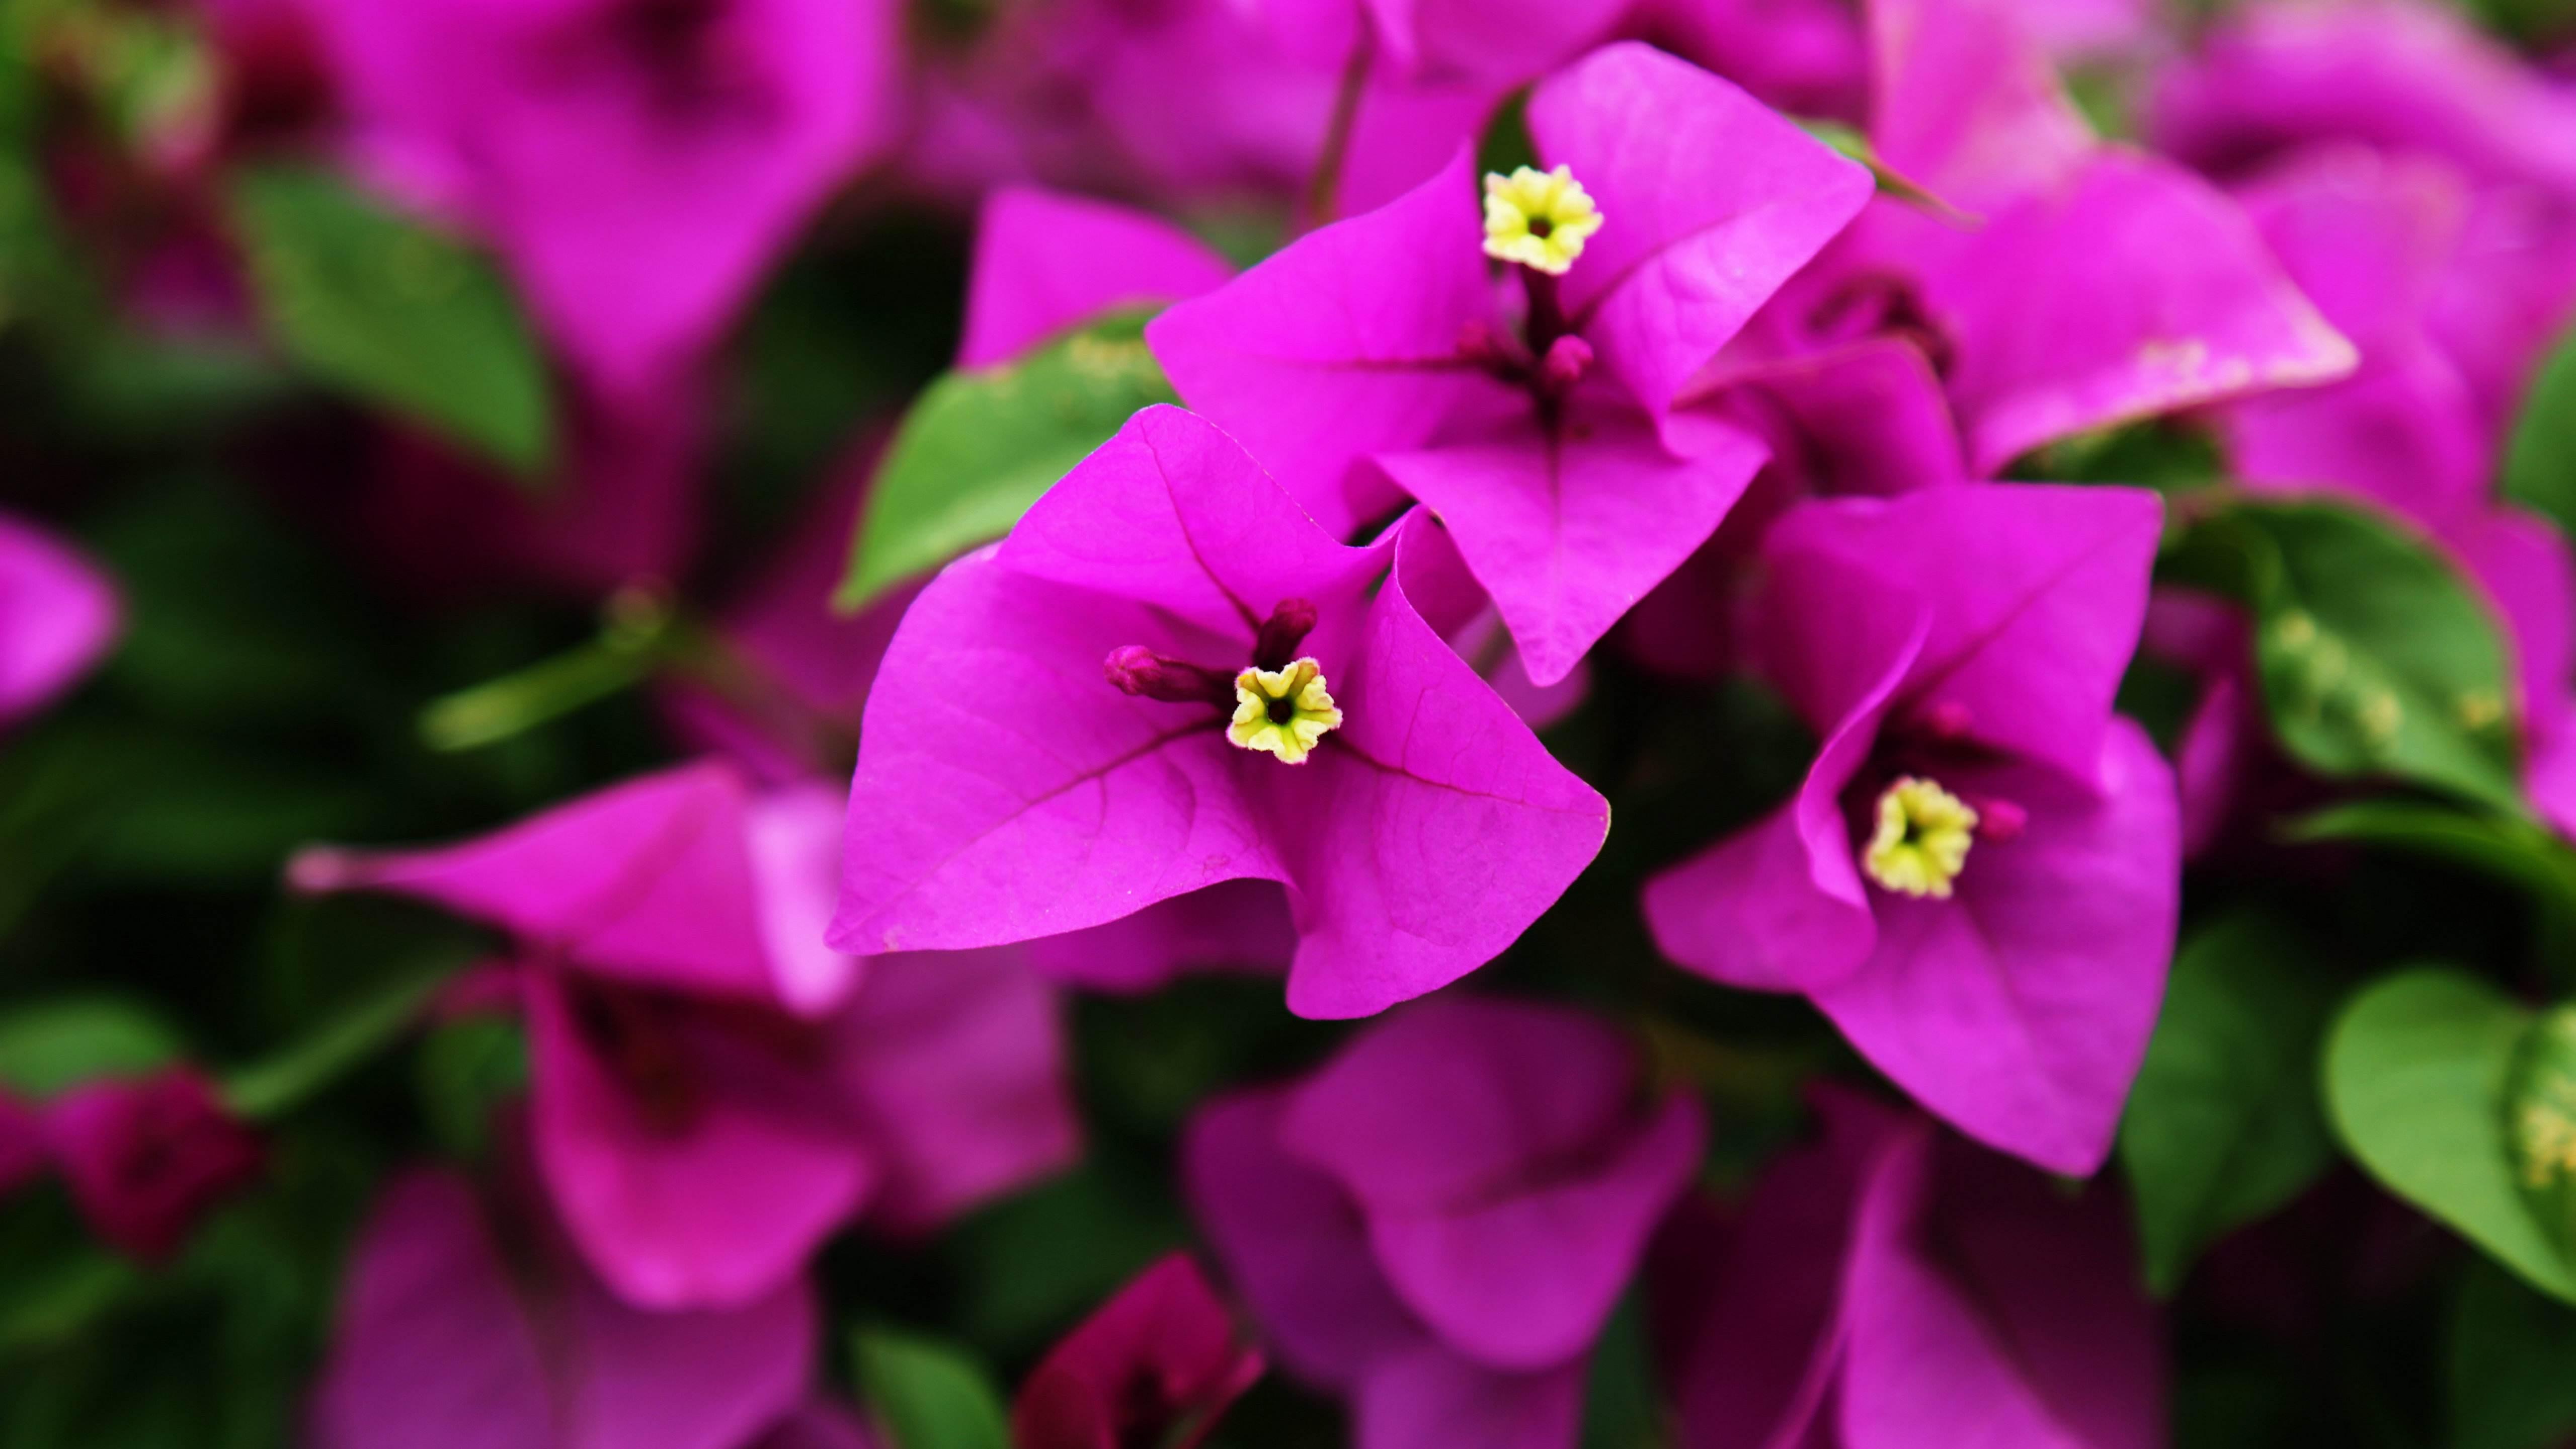 三角梅多开花怎么养好?让三角梅开花的5大养护技巧